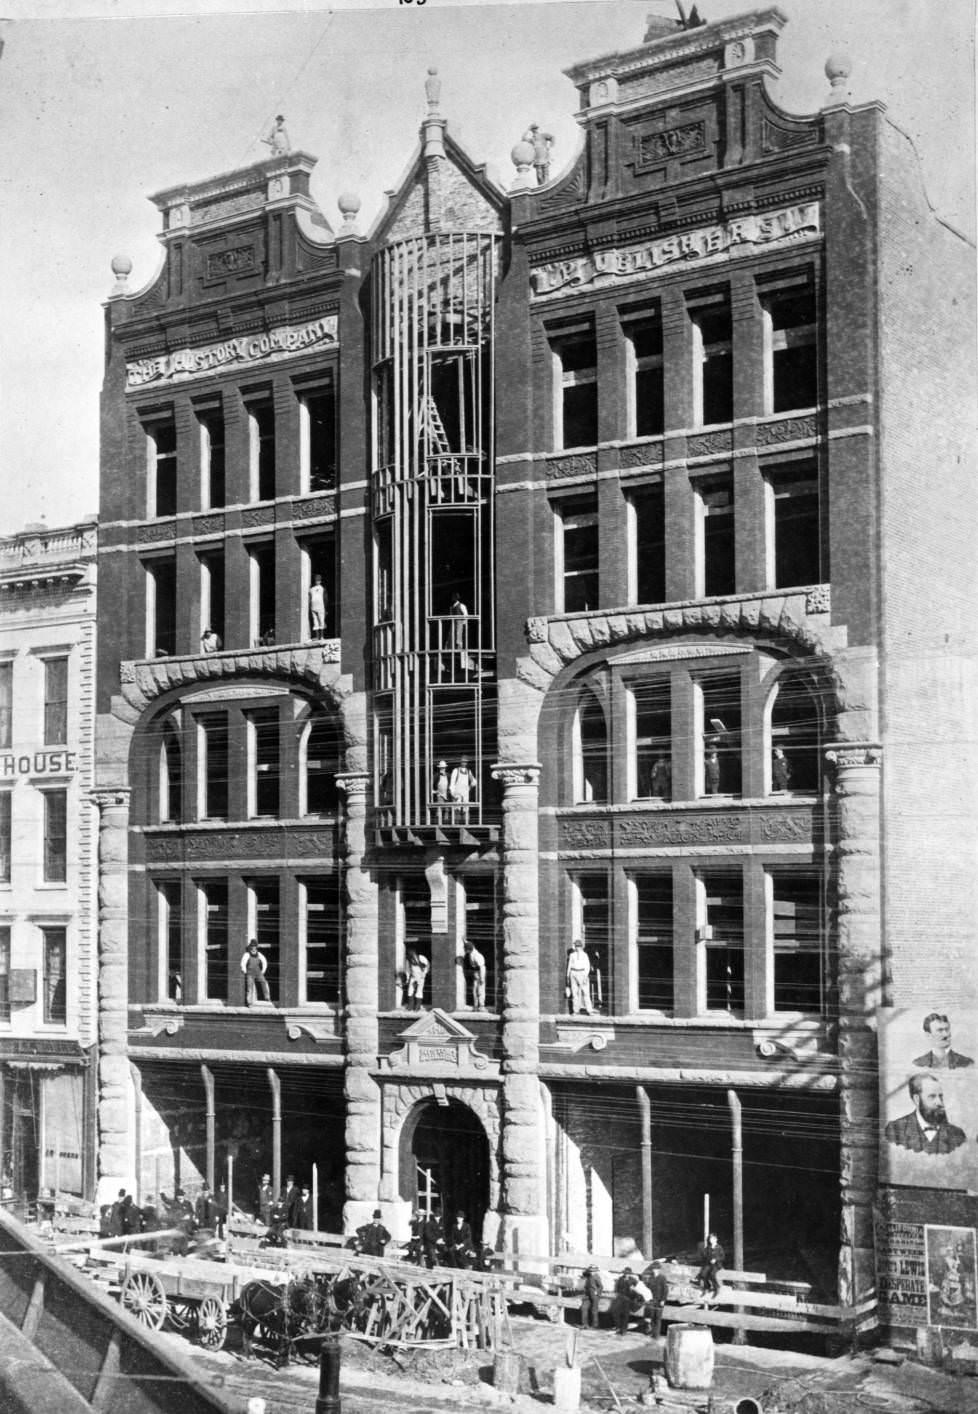 San Francisco, Market Street, Bancroft's History Company building, 1886.